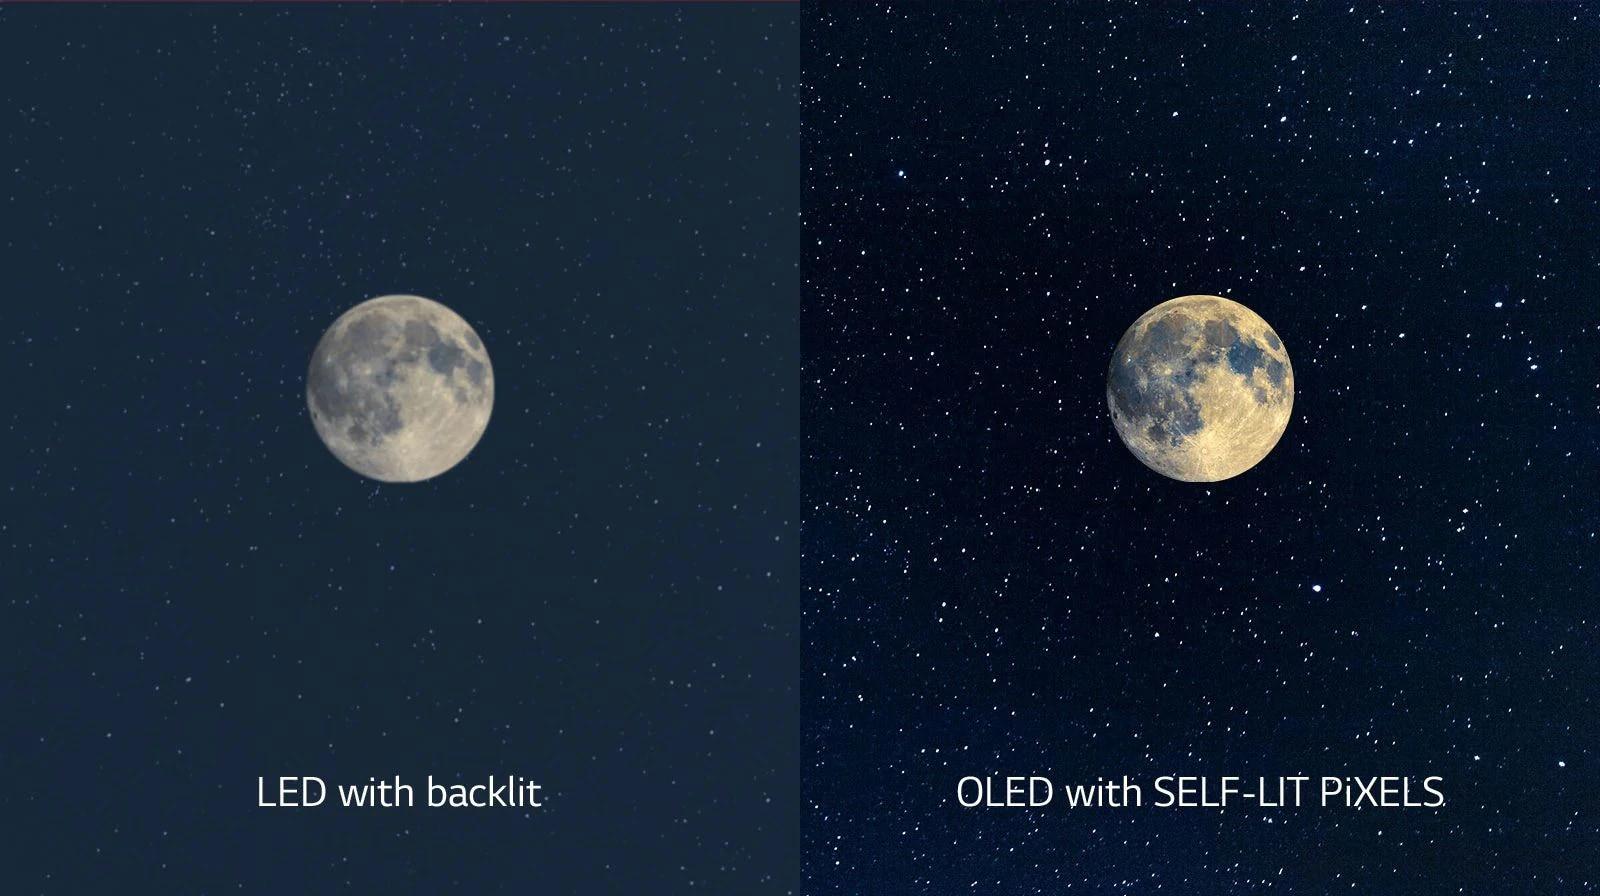 Изображение луны: слева показан LED-дисплей с ненасыщенным черным цветом, а справа— OLED с идеальным черным (просмотр видео)